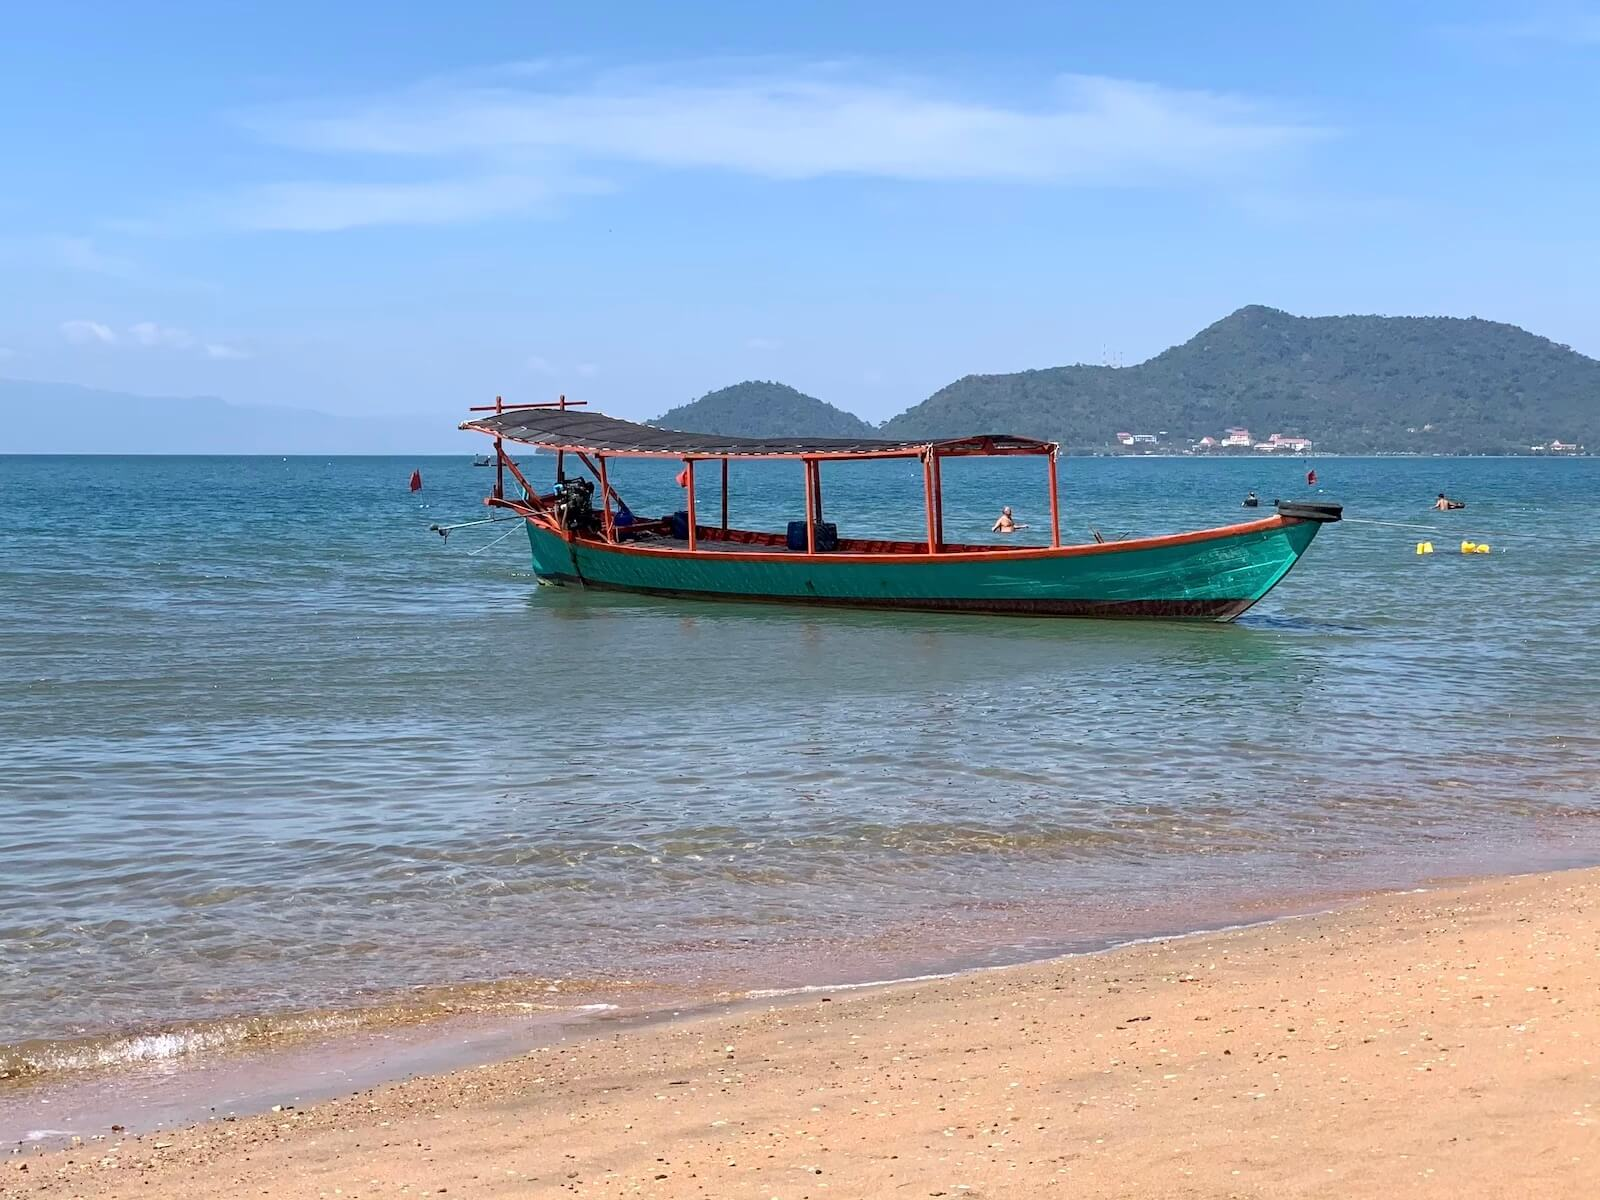 Wyspa Rabit - Kambodża - fot. Jerzy Kostrzewa